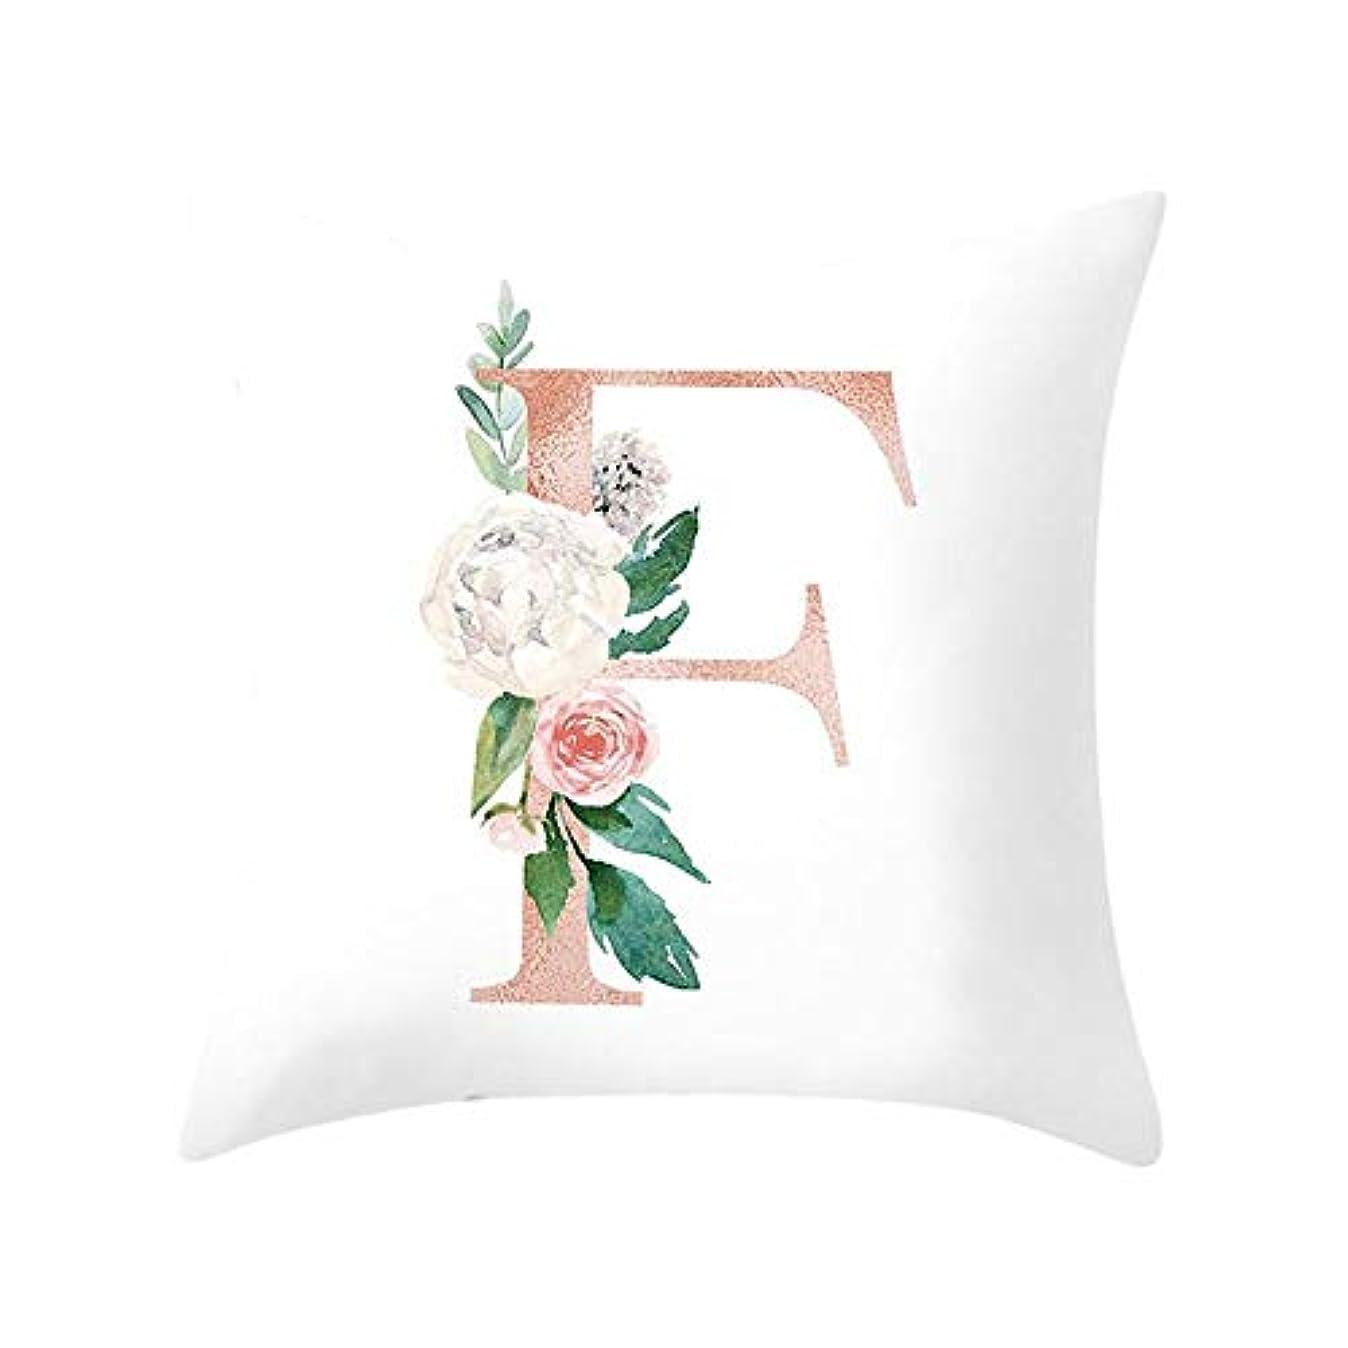 一般的に言えば月面かるLIFE 装飾クッションソファ手紙枕アルファベットクッション印刷ソファ家の装飾の花枕 coussin decoratif クッション 椅子